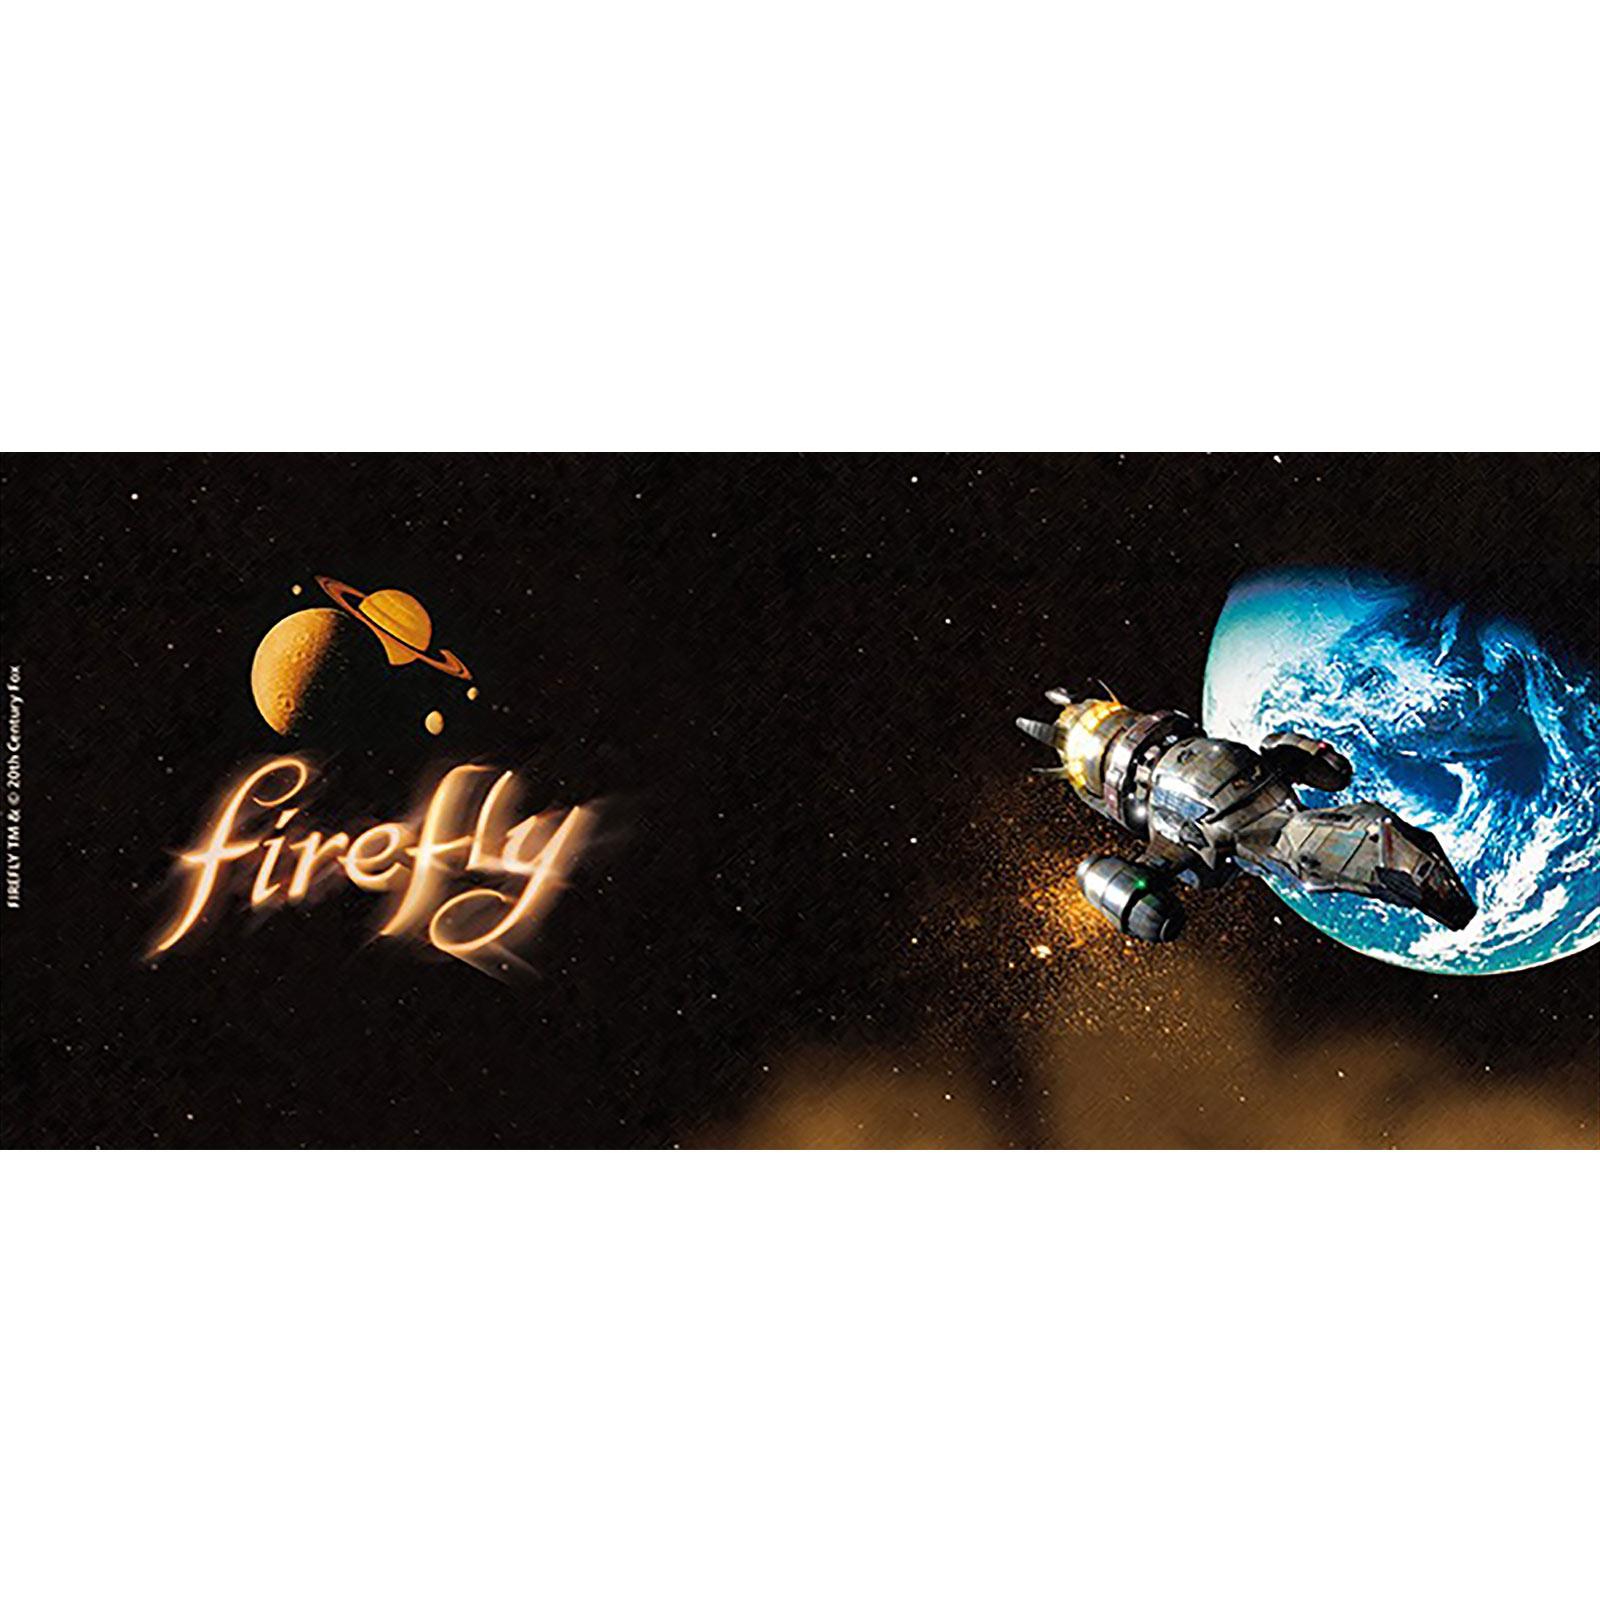 Firefly - Serenity & Logo Tasse